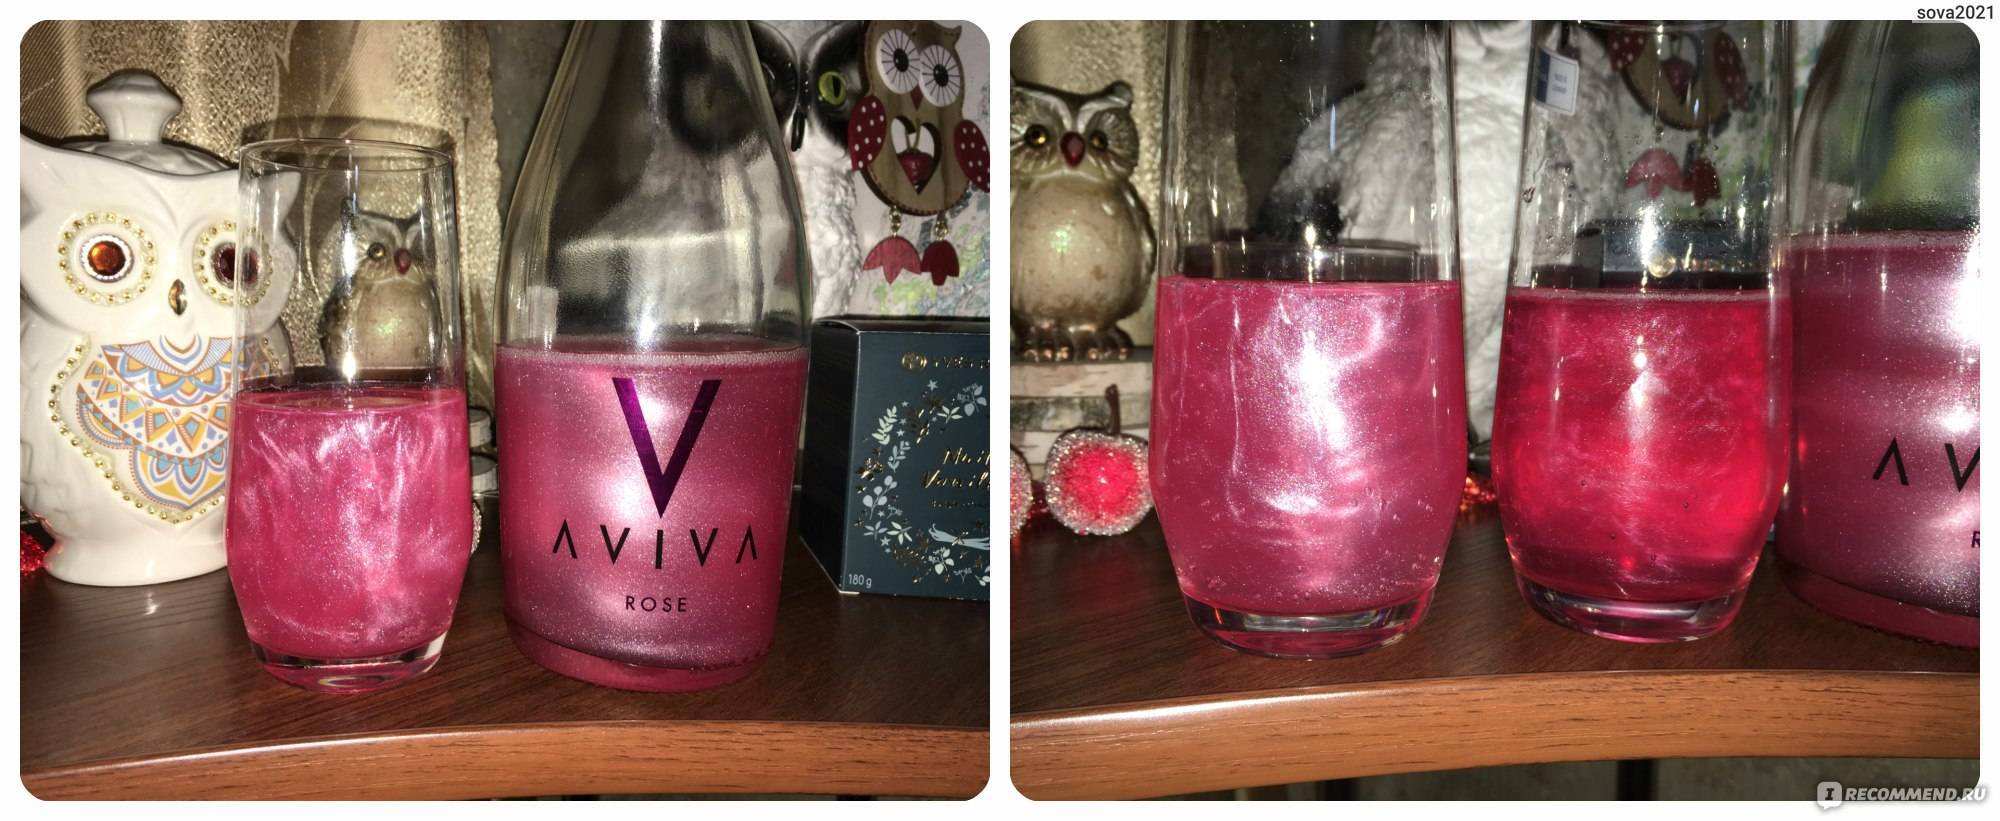 Шампанское aviva: отзывы покупателей